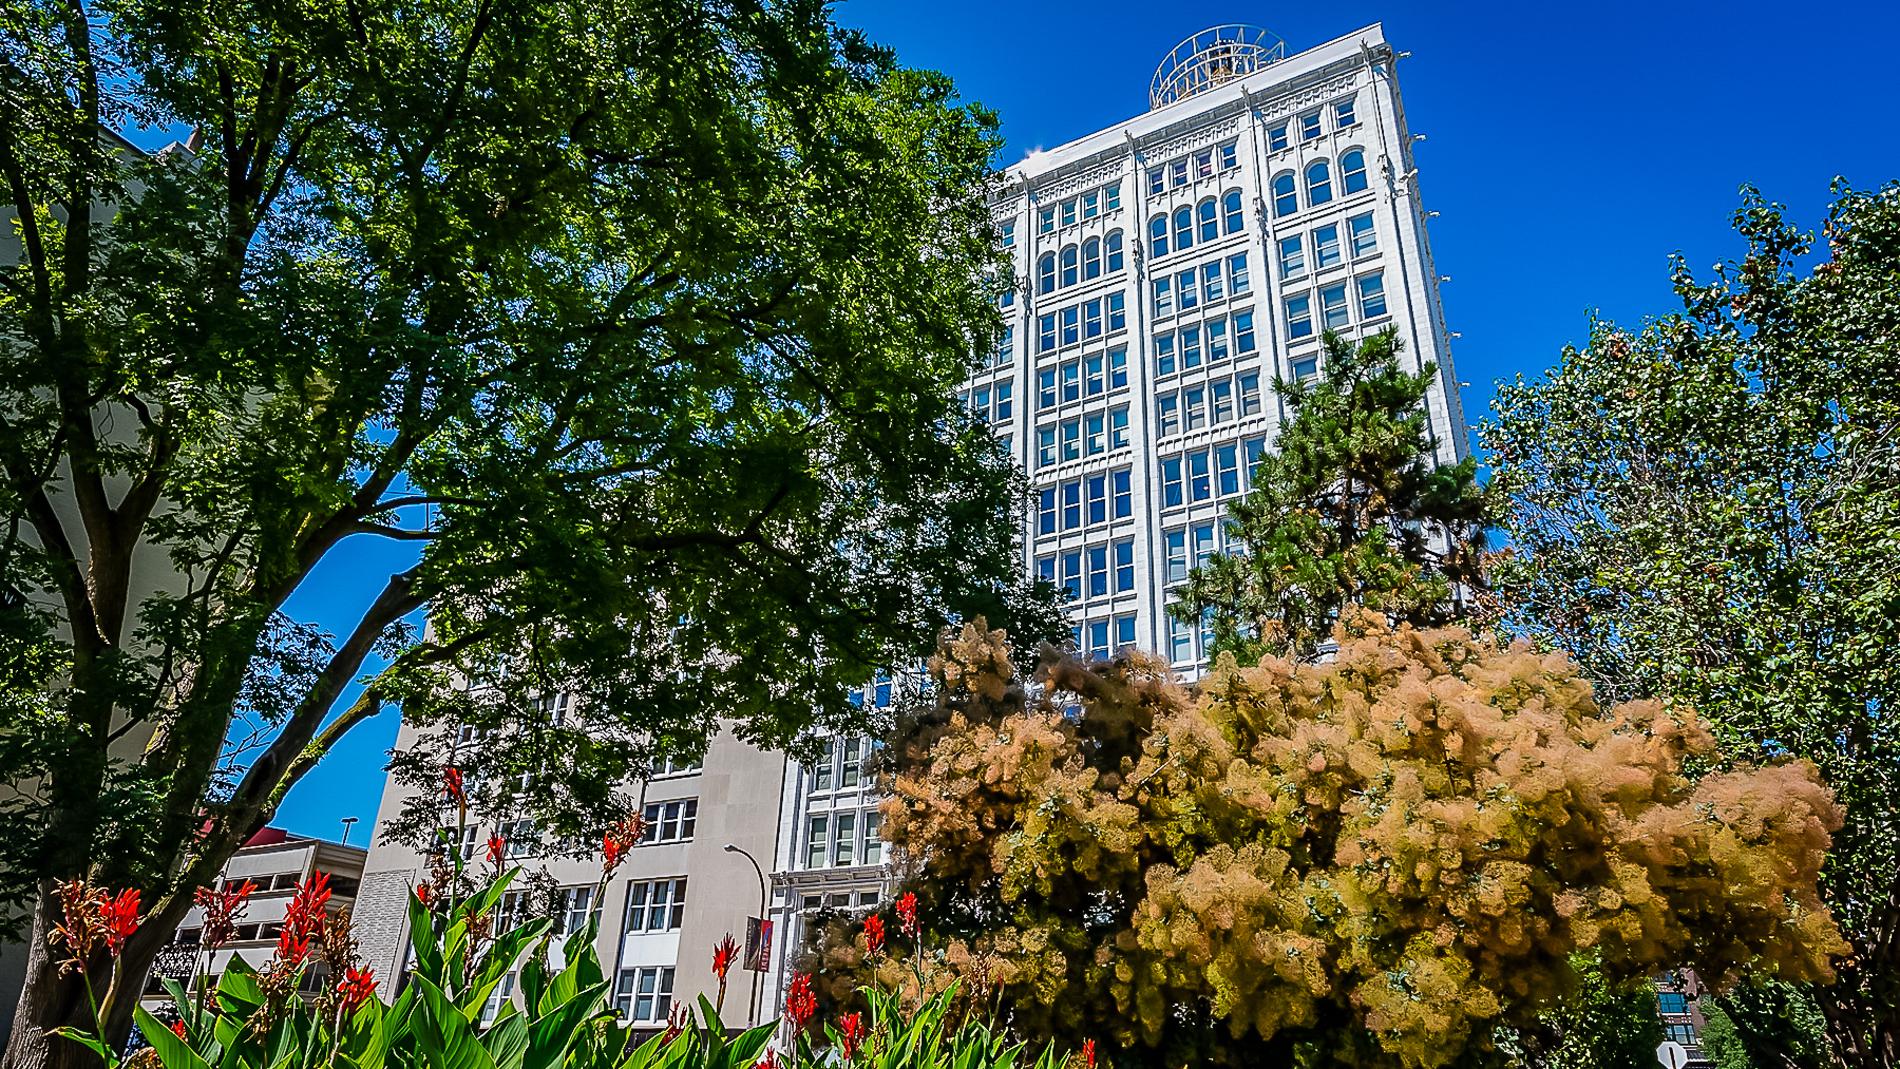 Condominium for Sale at 1501 Locust Street # 501, St. Louis, MO 63103 1501 Locust Street # 501 St. Louis, Missouri 63103 United States